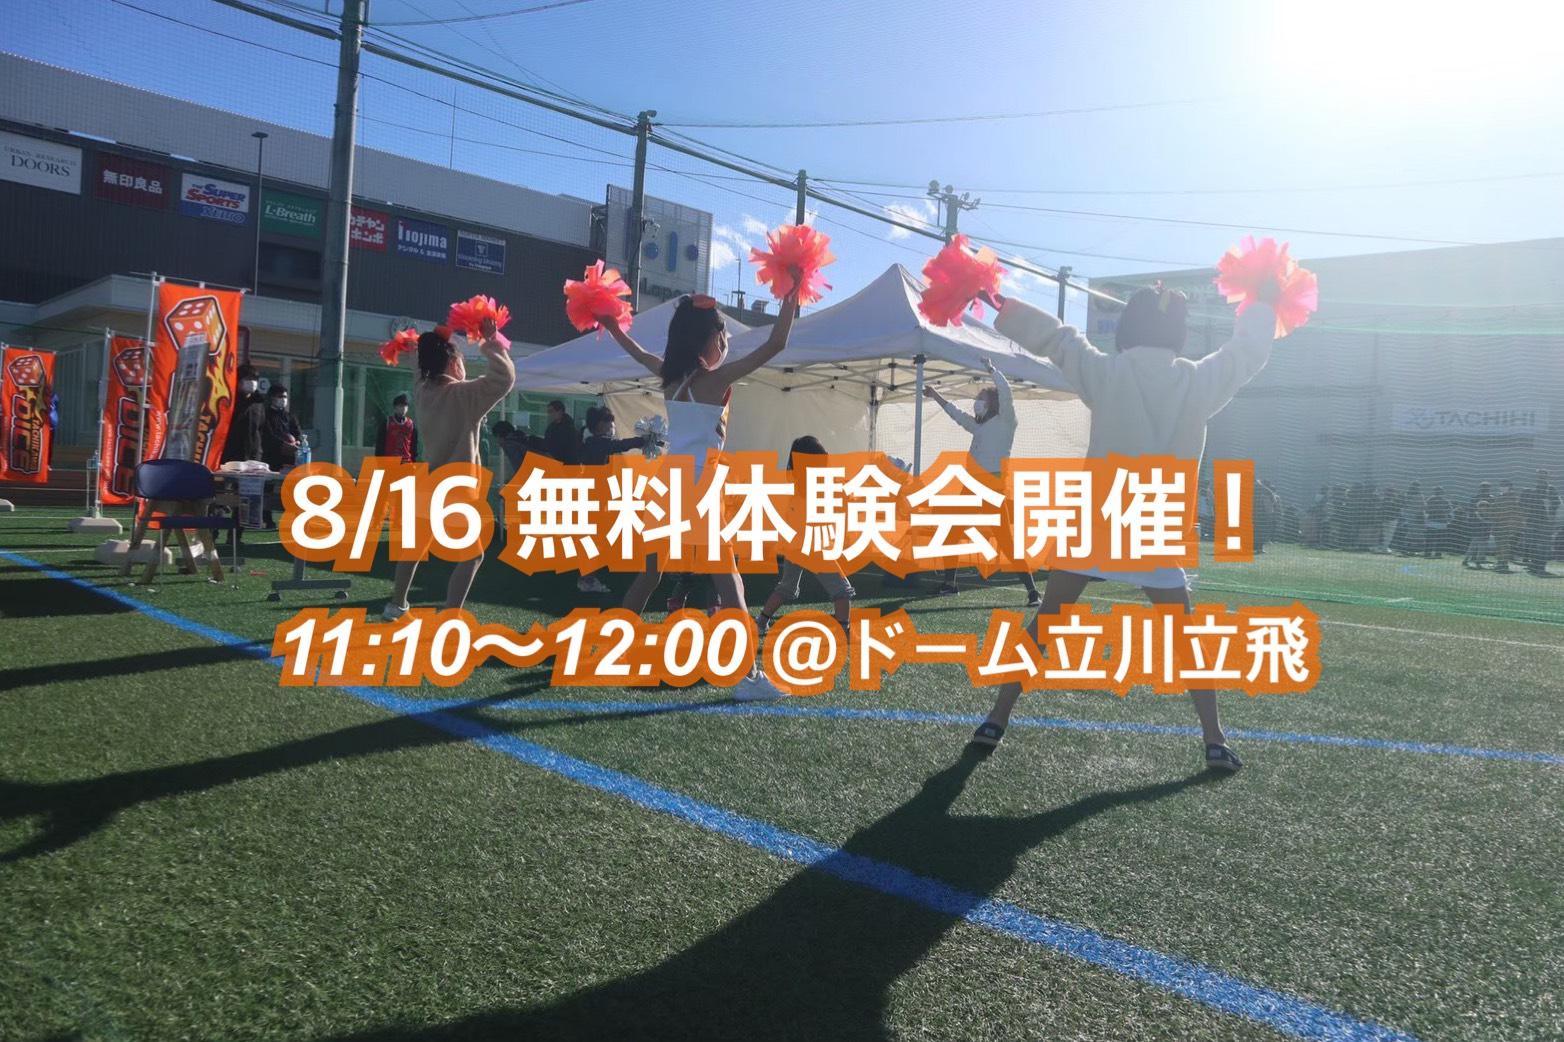 【2021年8月16日㈪】夏休みチアダンス体験会 in ドーム立川立飛